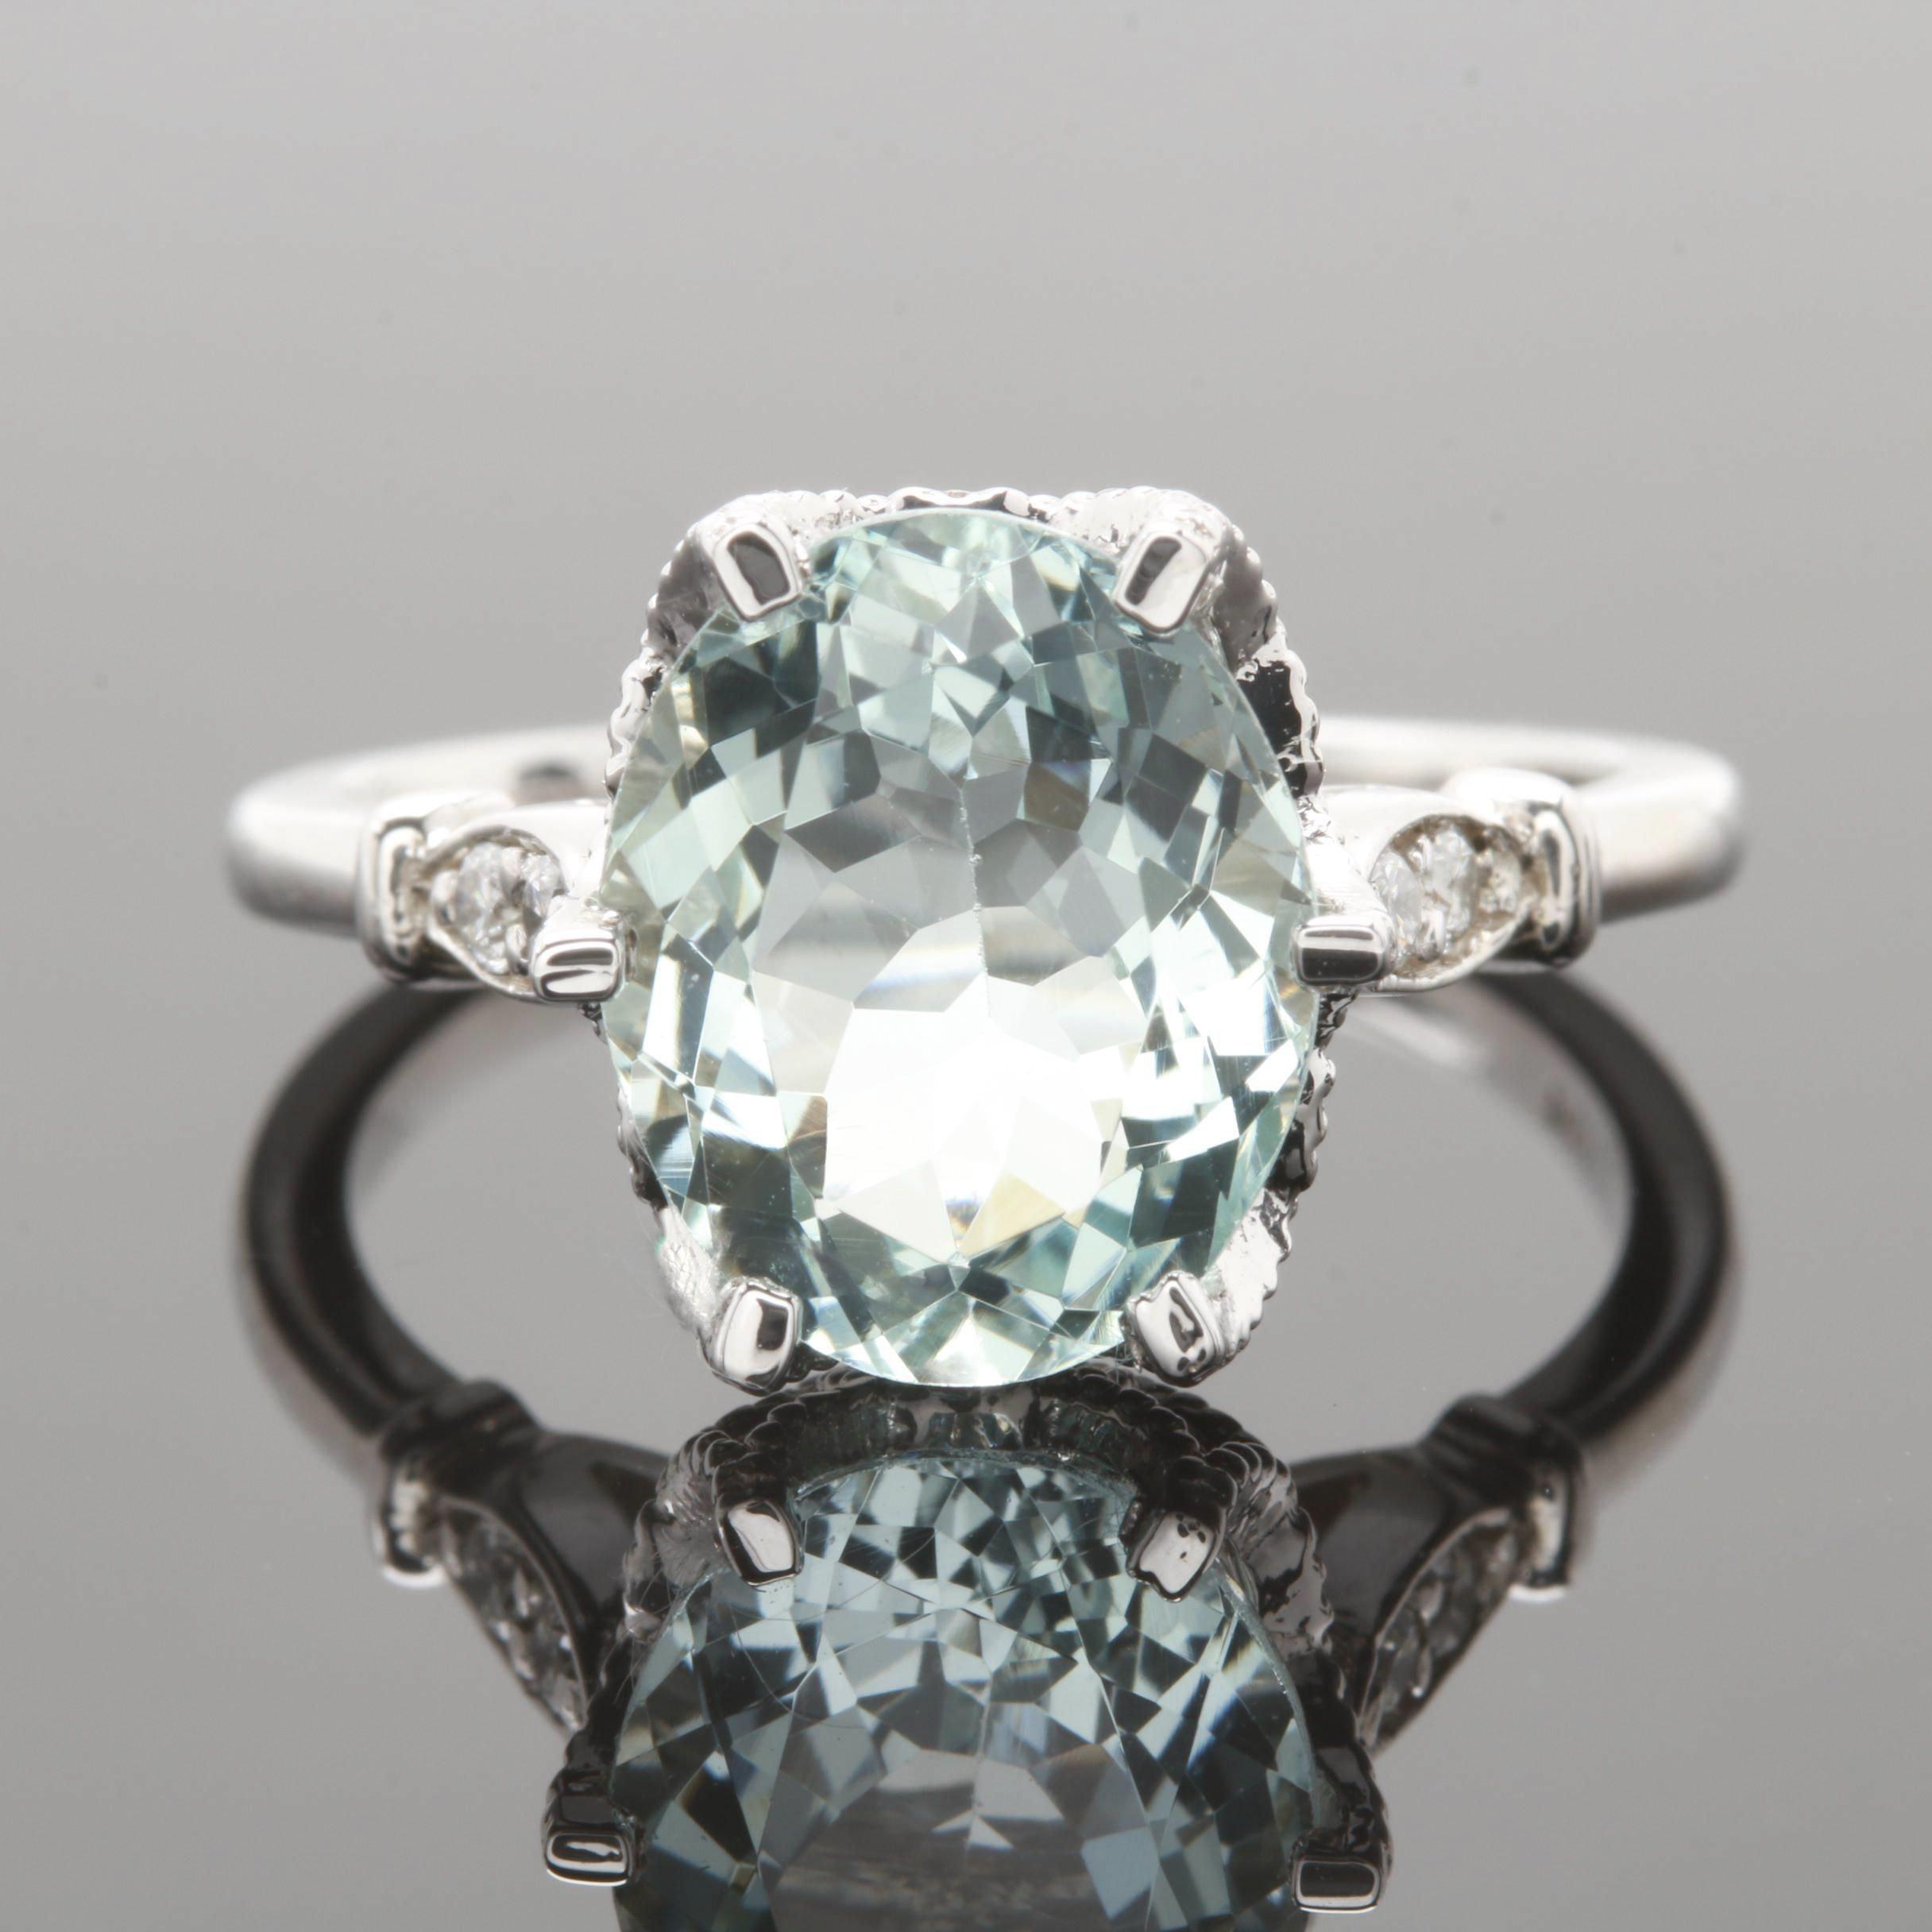 14K White Gold 3.01 CT Aquamarine and Diamond Ring